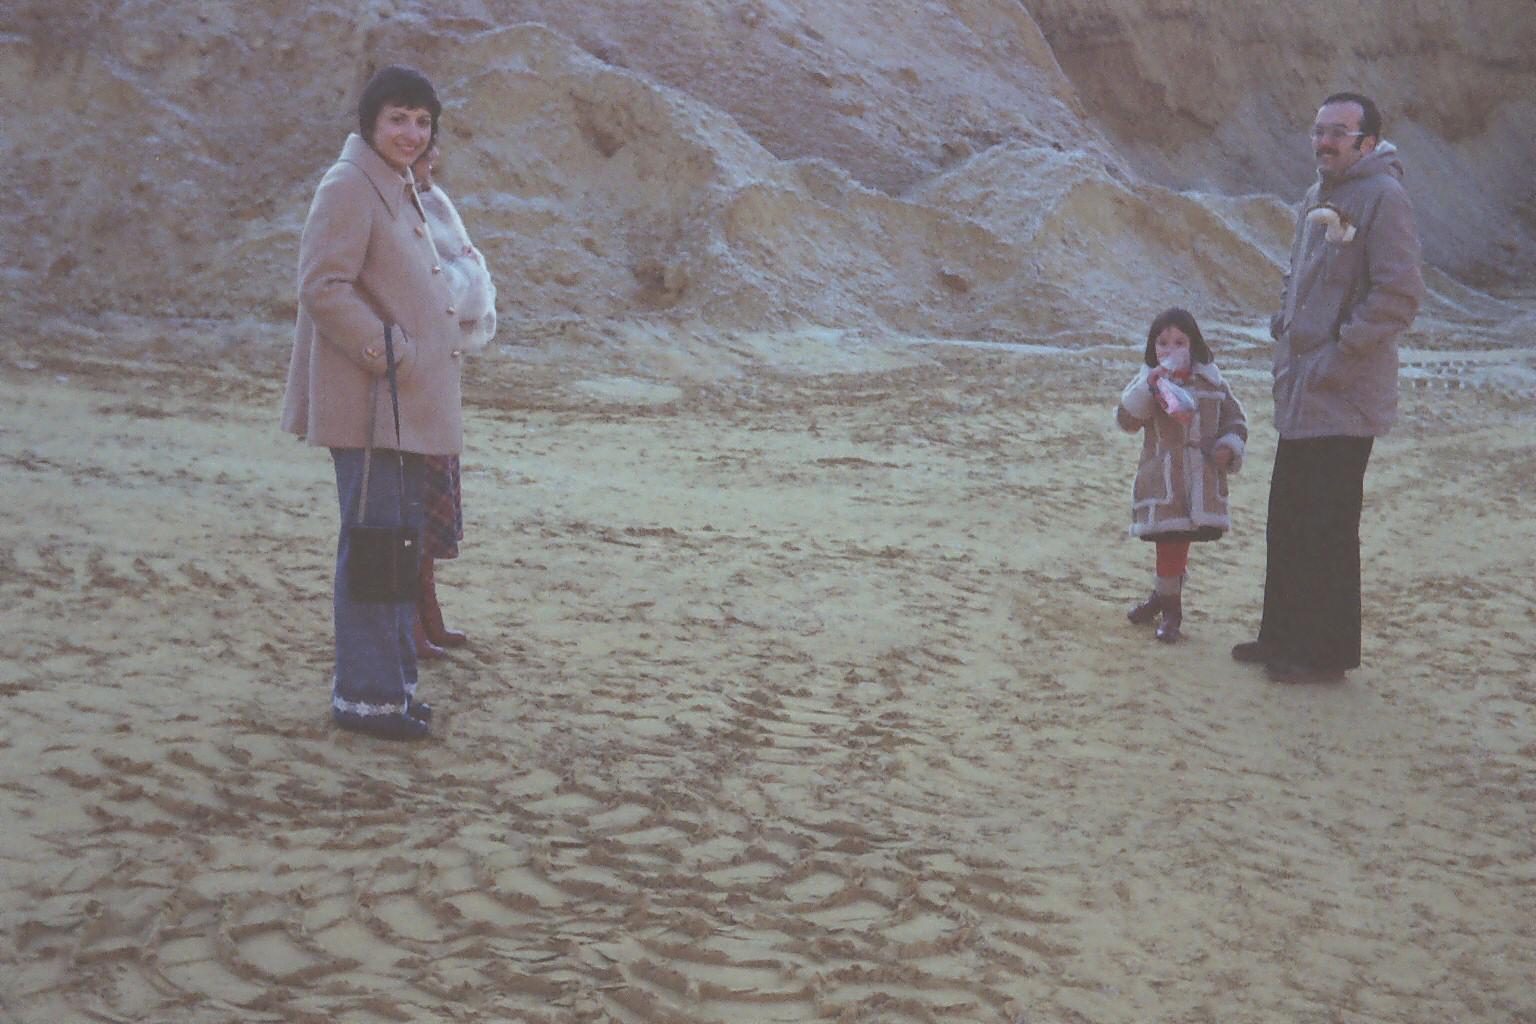 ... in der Sandgrube